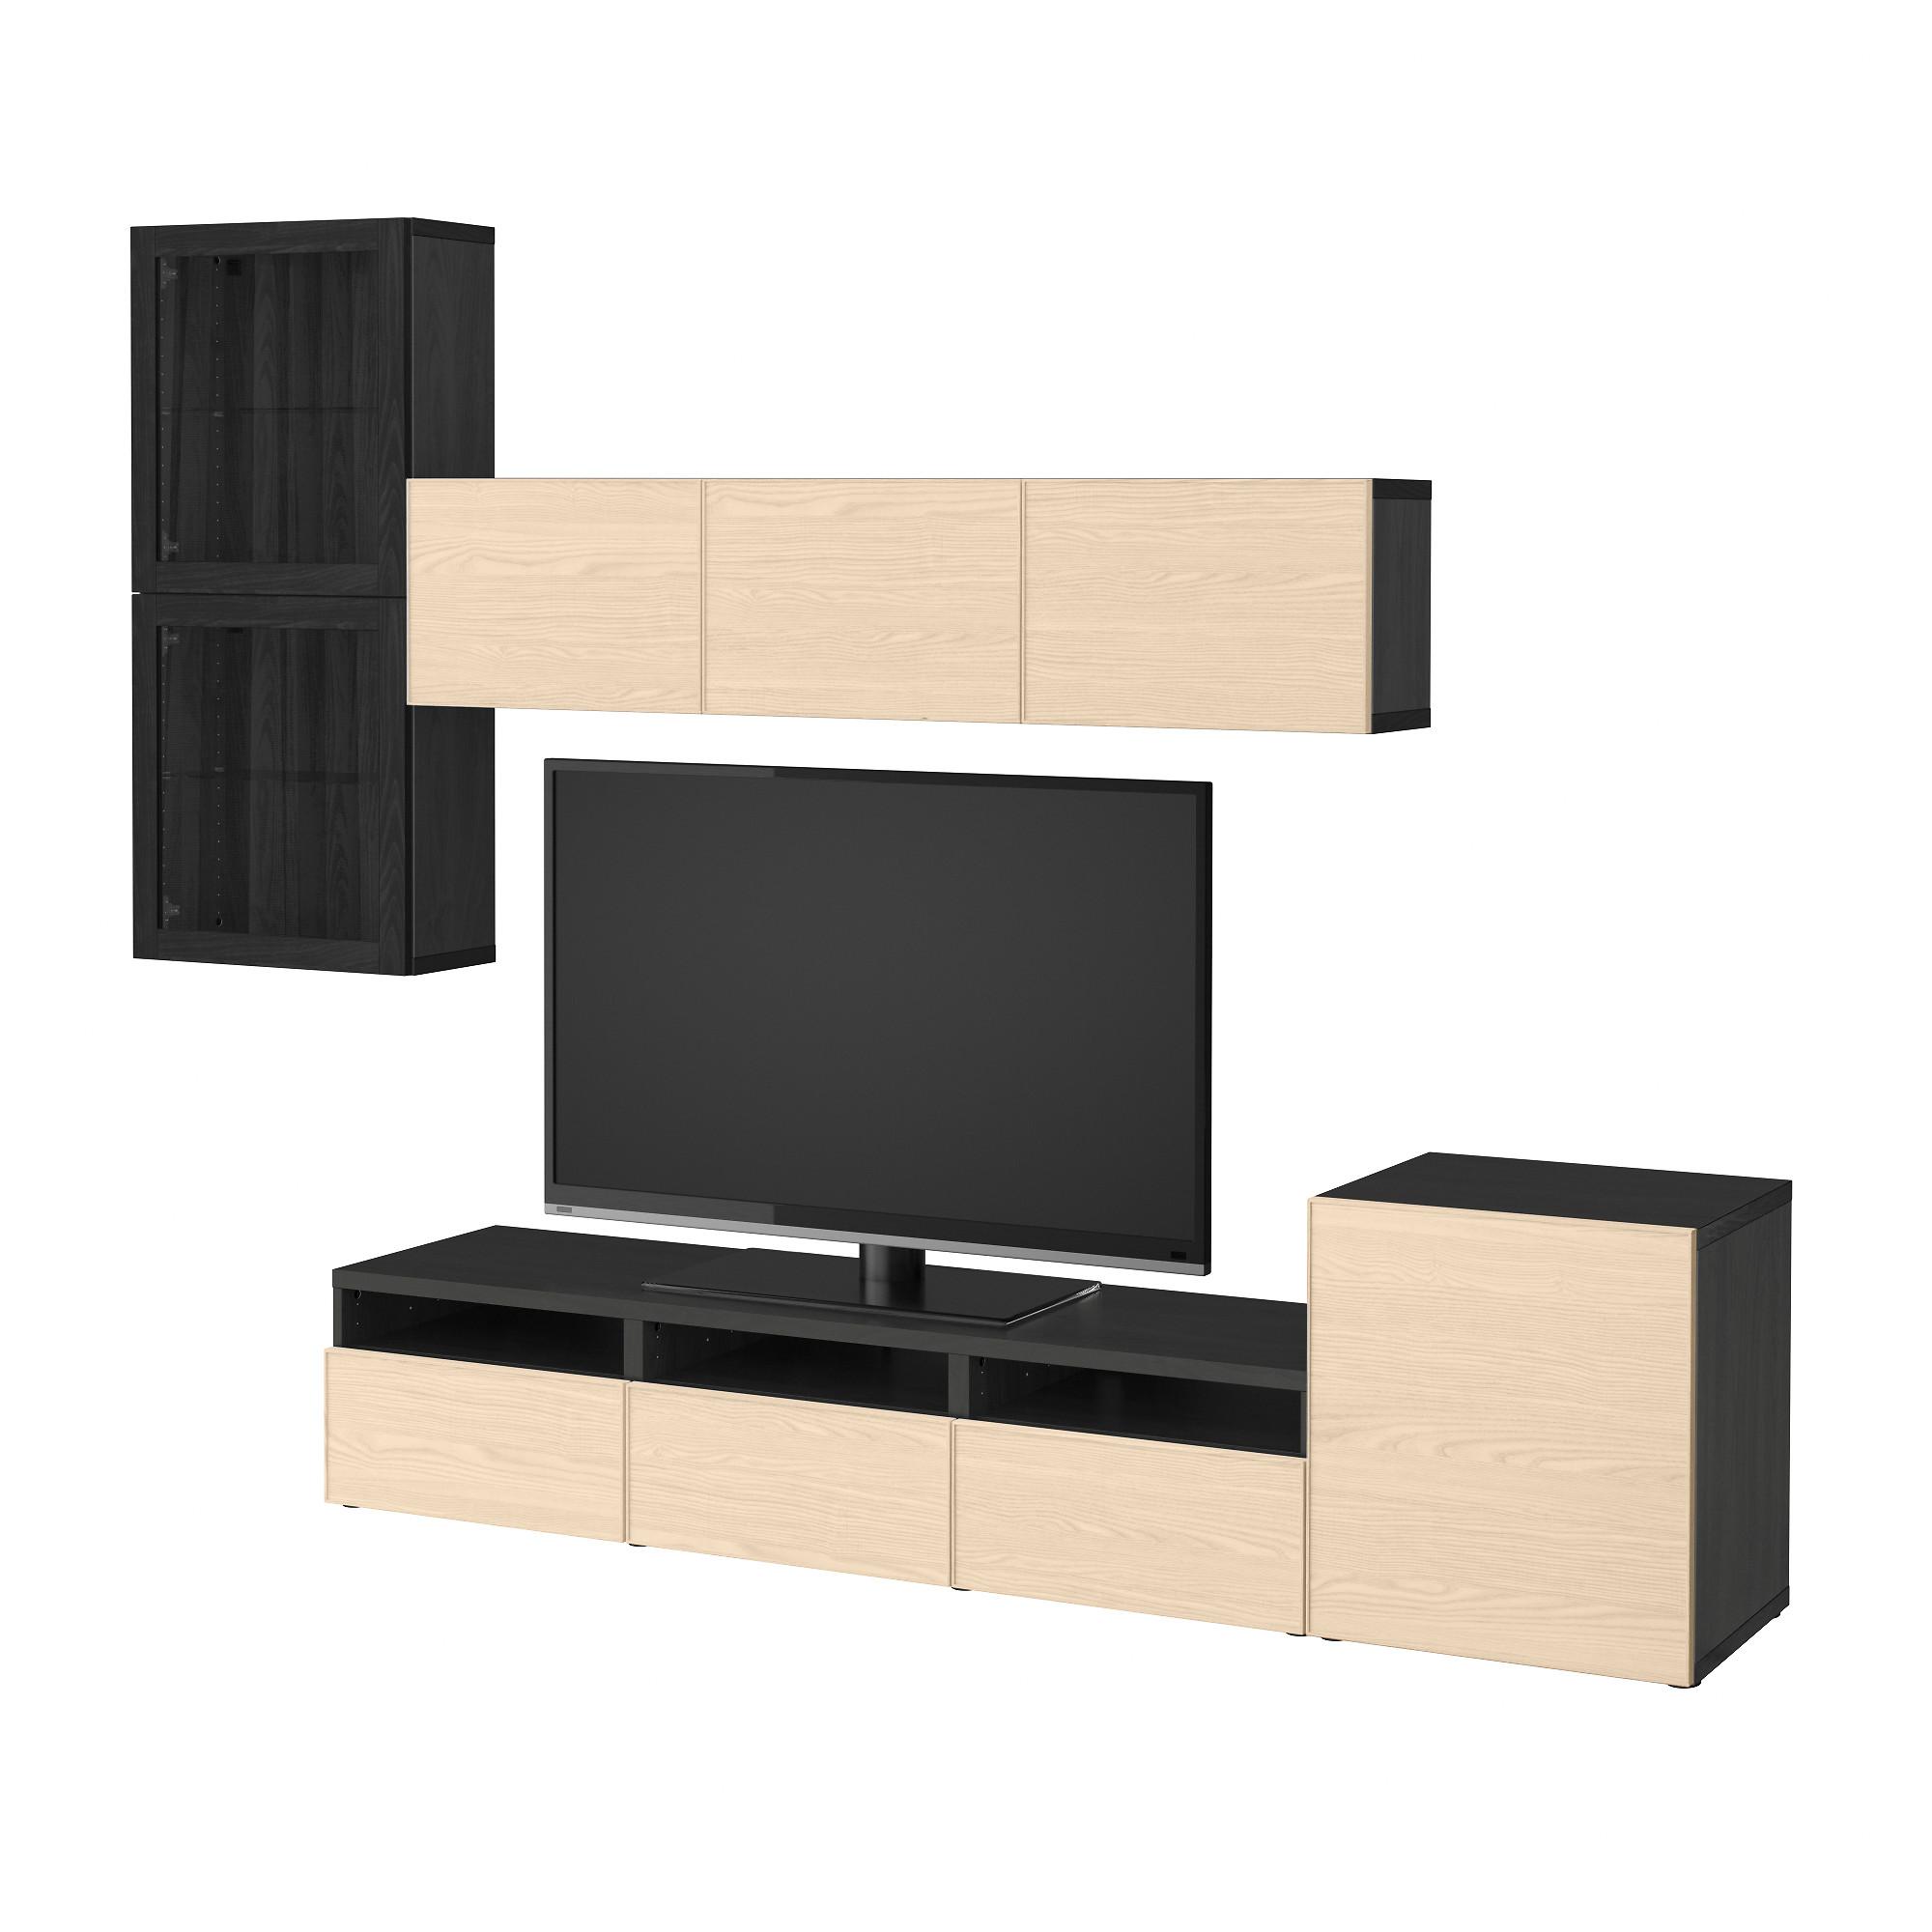 Шкаф для ТВ, комбинированный, стекляные дверцы БЕСТО черно-коричневый артикуль № 592.522.13 в наличии. Онлайн каталог IKEA РБ. Быстрая доставка и монтаж.